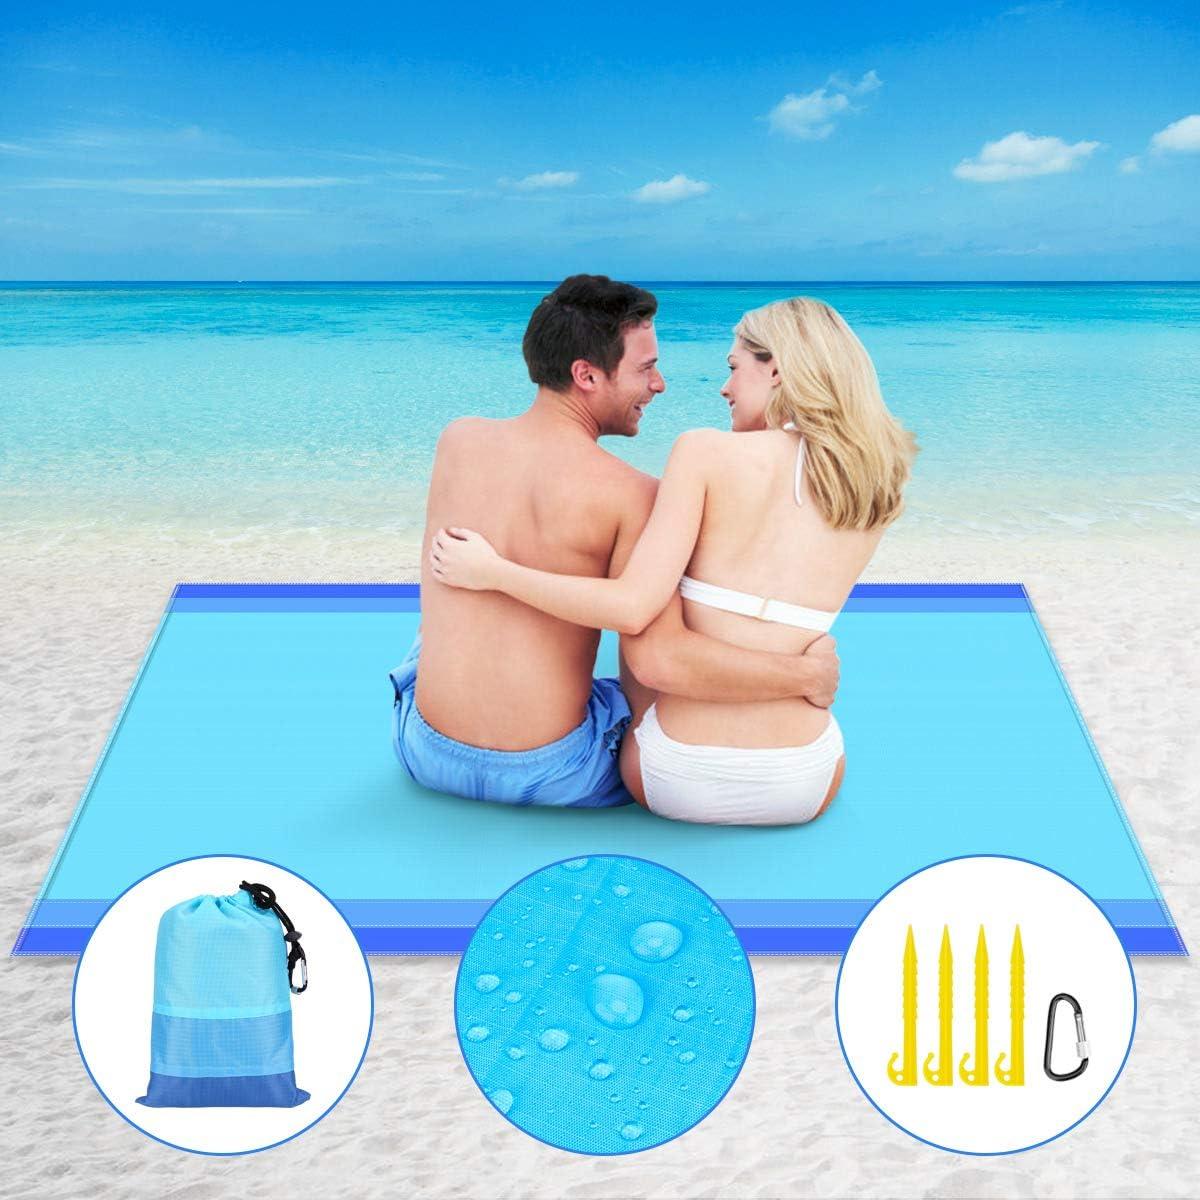 Strandmatte-Blau Ashine Stranddecke Picknickdecke wasserdicht 210 x 200 cm,sandfreie Campingdecke,mit Tasche und 4 Kunststoffpf/ähle,Camping,Picknick